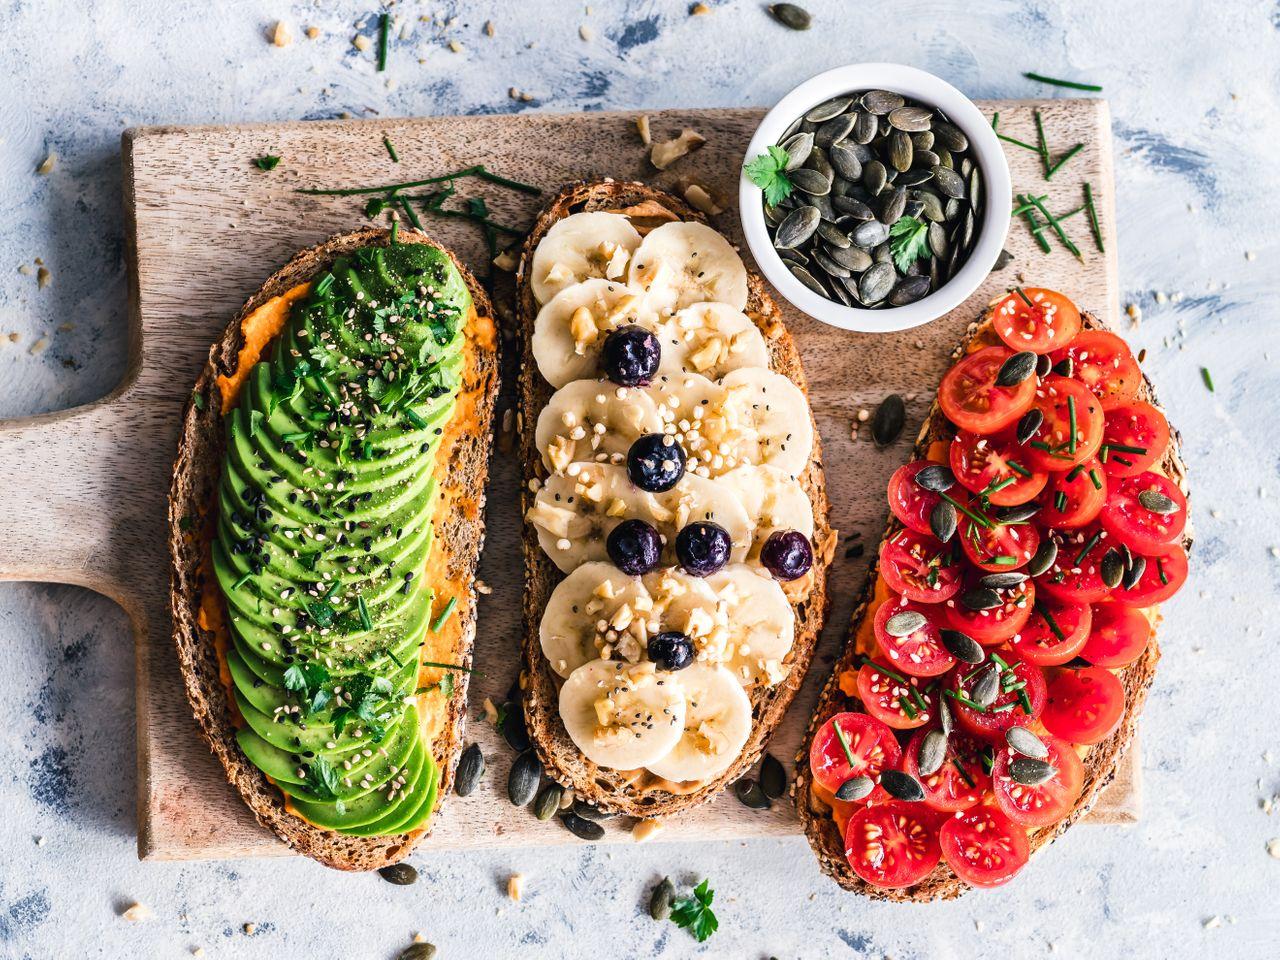 Vegan foods on toast